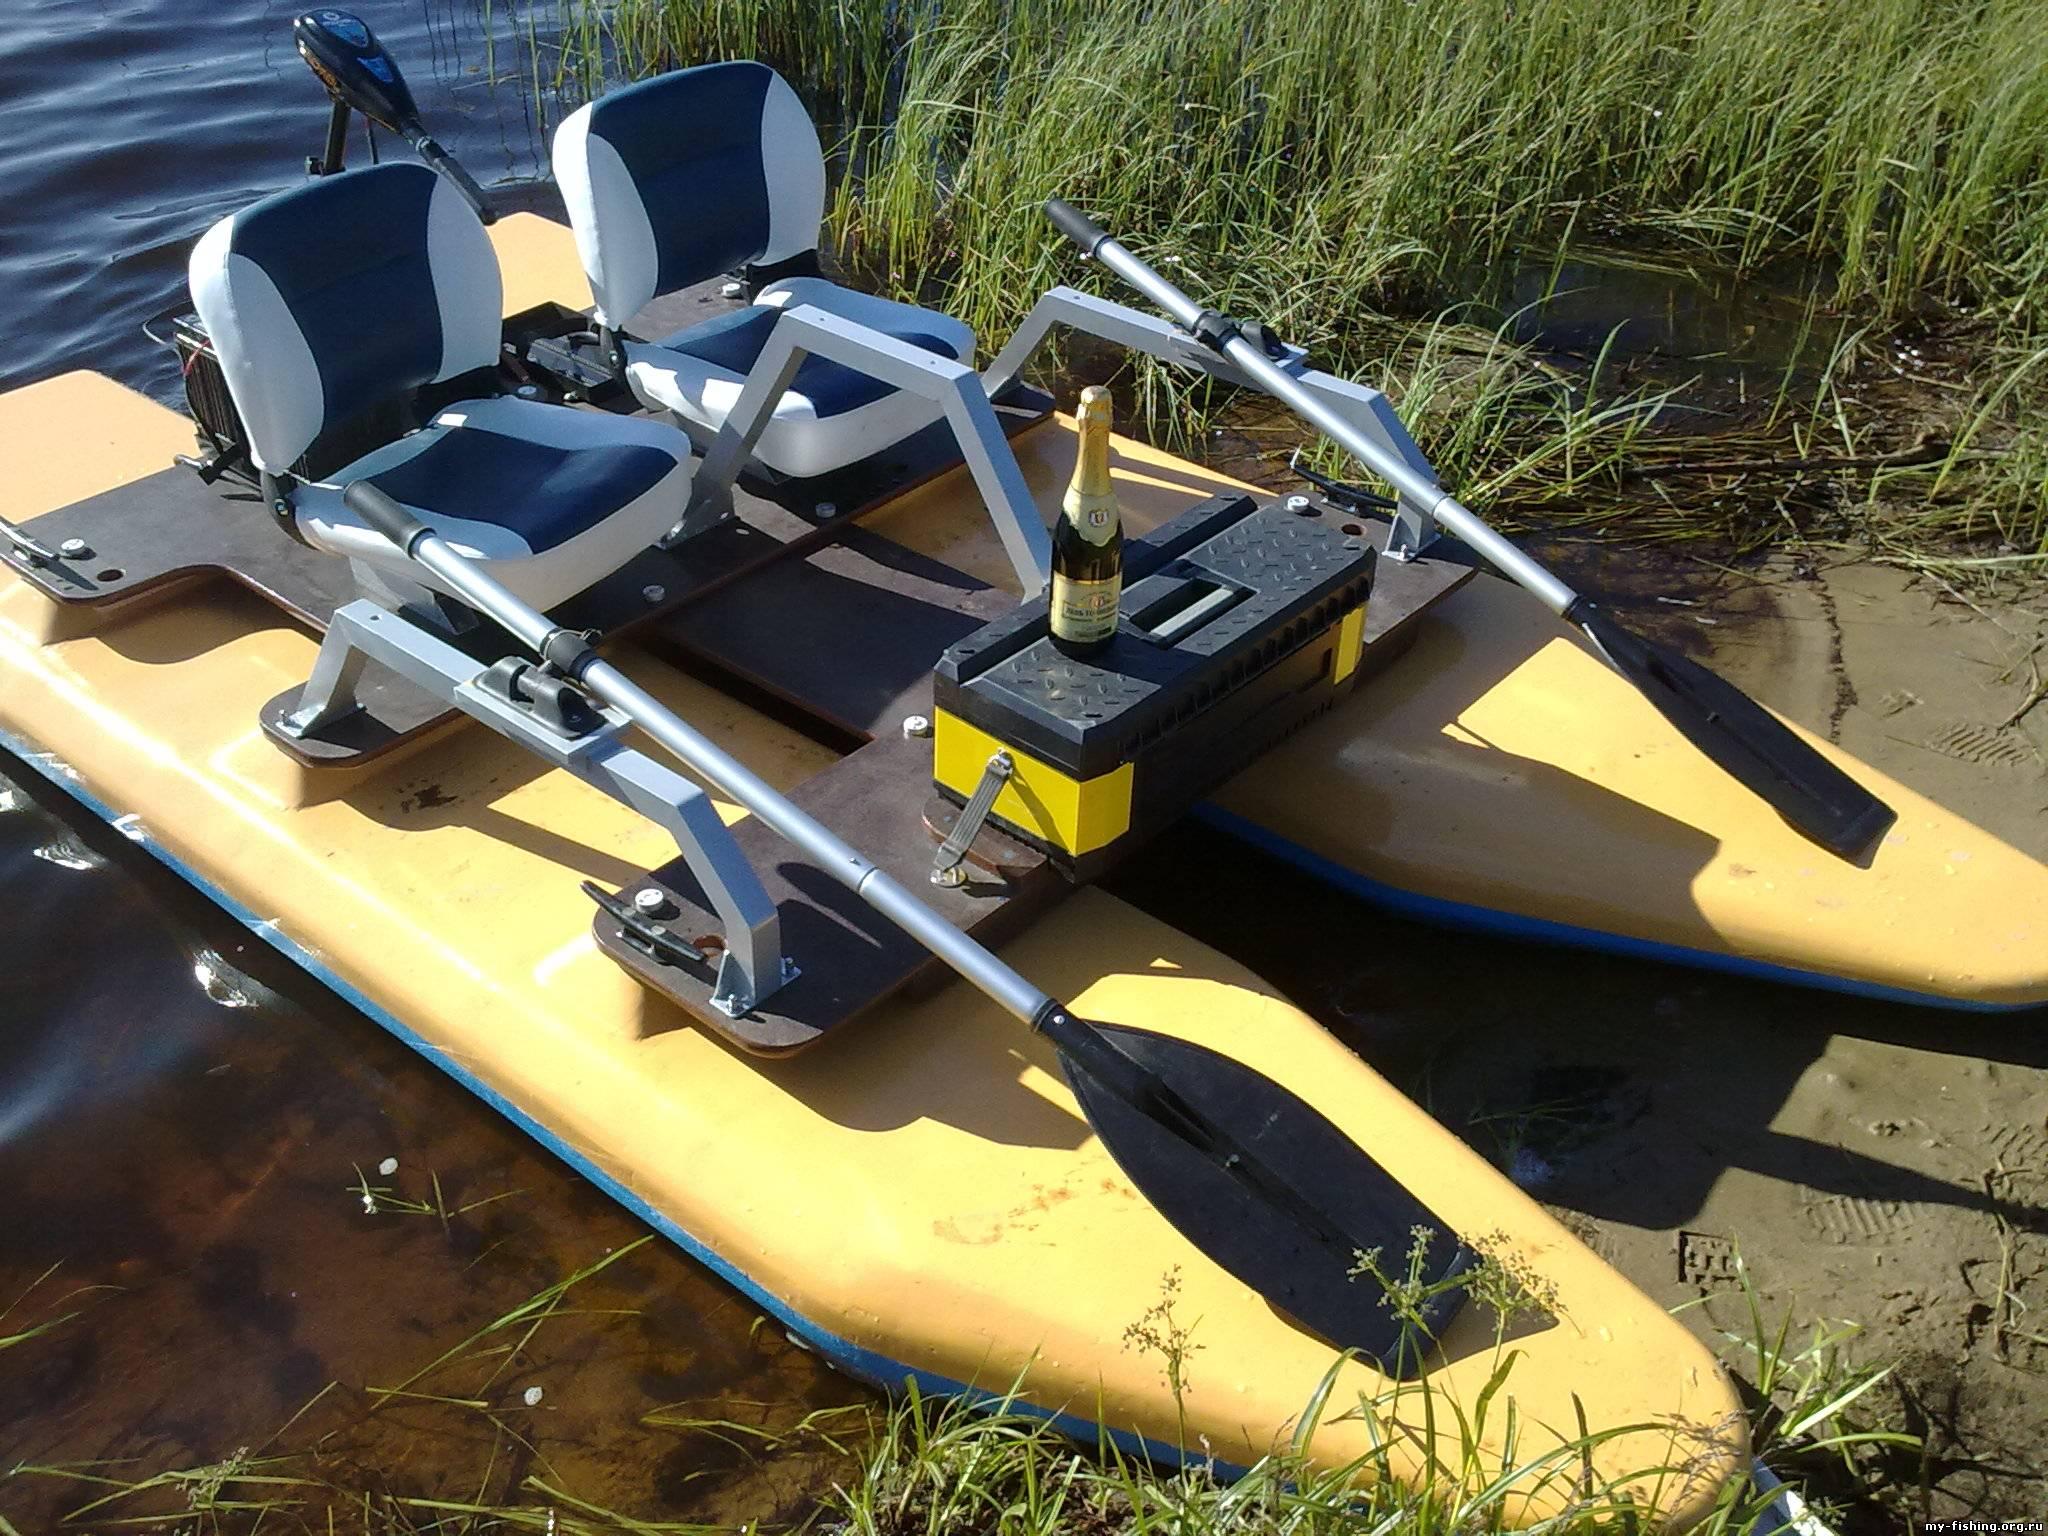 изготовление модели лодок своими руками